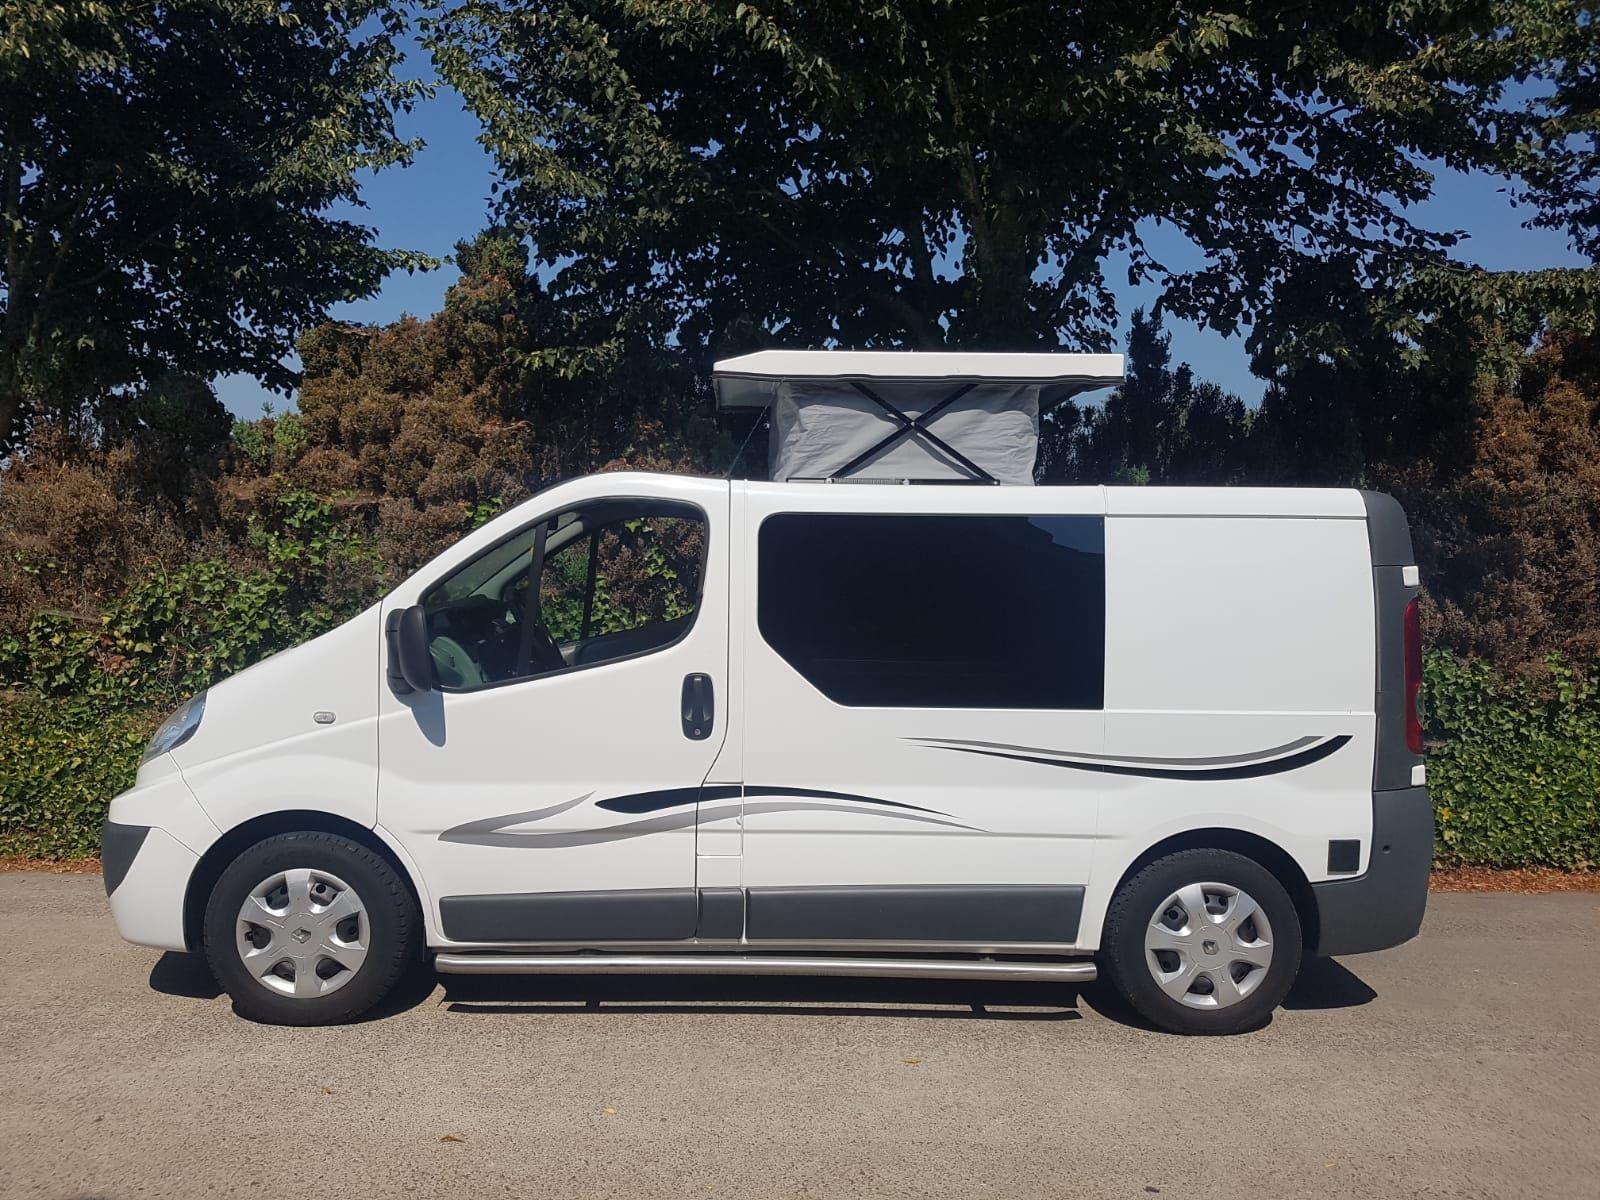 Verkocht Renault Trafic wit 2010  Verkocht  Occasions